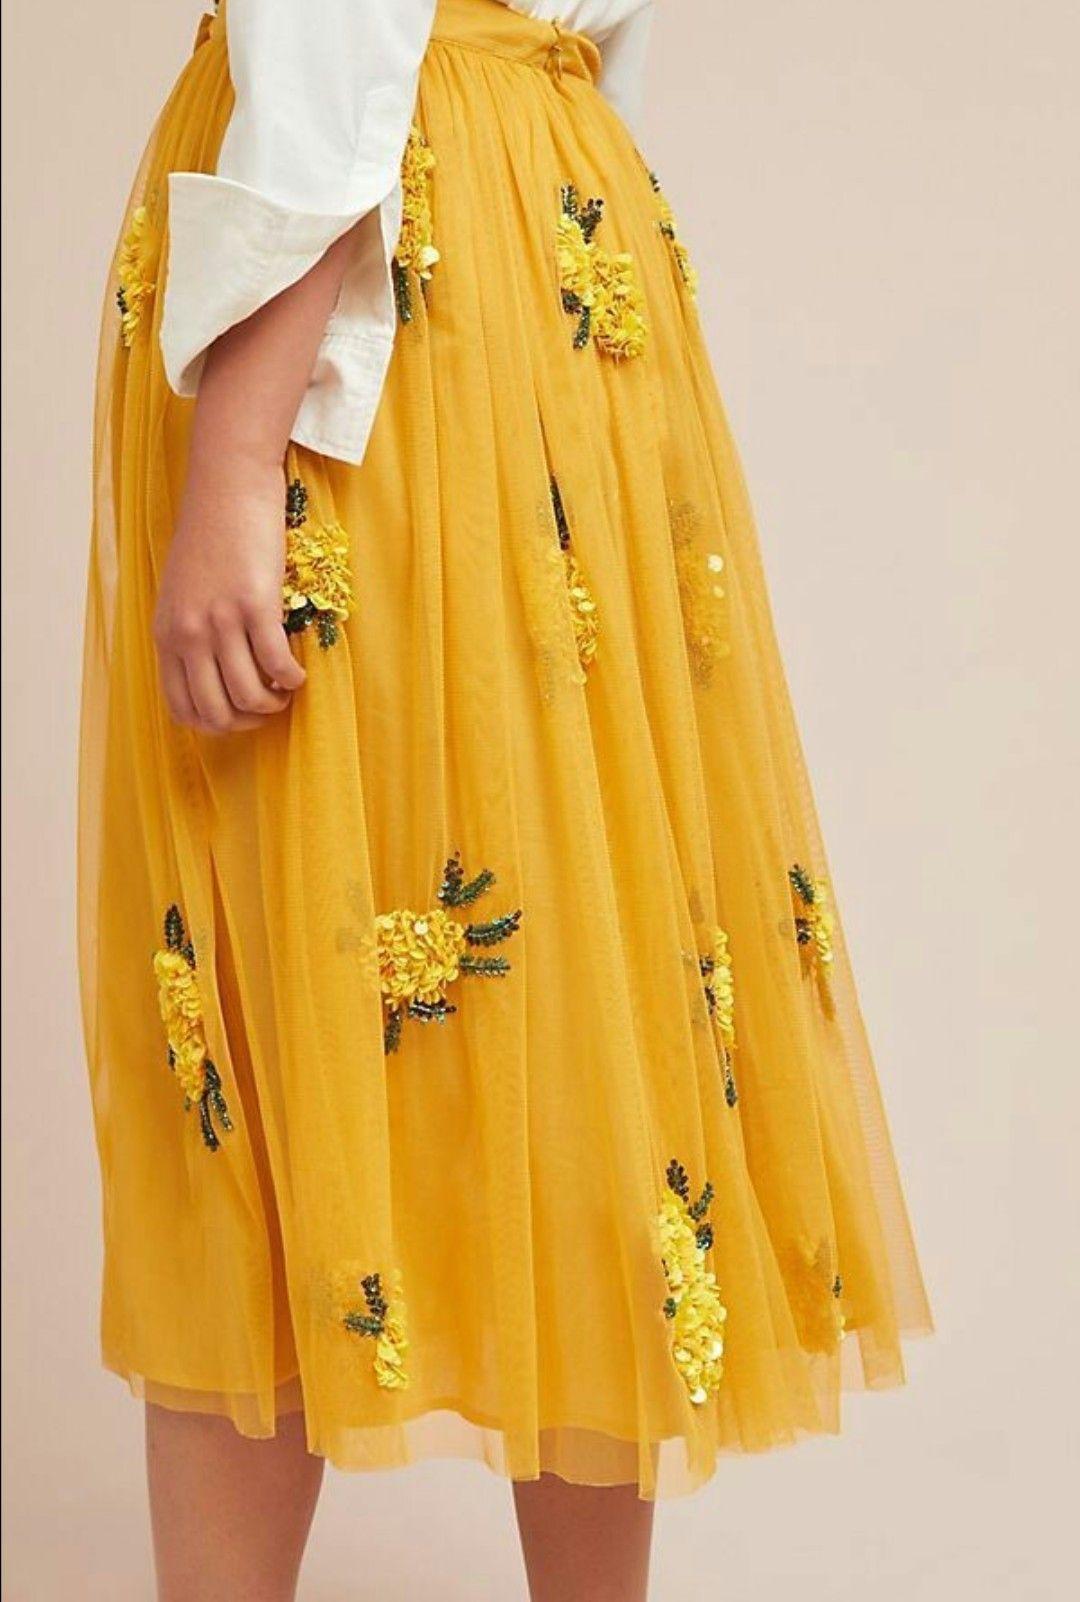 ♥ unglaublich zauberhaft! Gelber Tüllrock, bestickt mit ganz vielen gelben Blumen aus Perlen und Pailletten ♥ Ich bin schockverliebt! l #sticken #tüllrock #blumen #blumensticken #besticktertüllrock #tüllrockbesticken #embroidery #yellowaestheticvintage